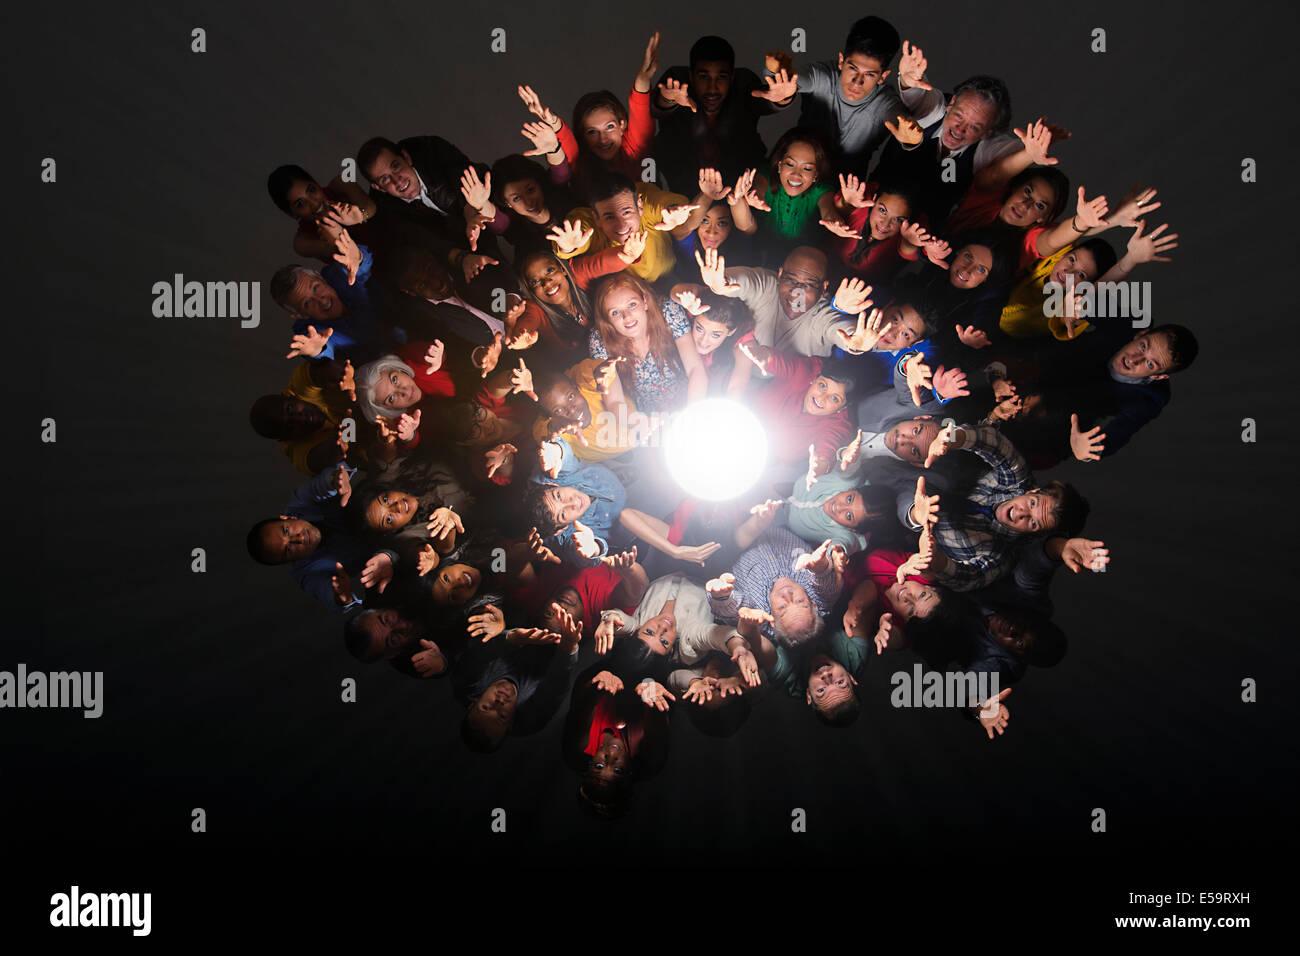 Folla variegata tifo intorno a una luce brillante Immagini Stock